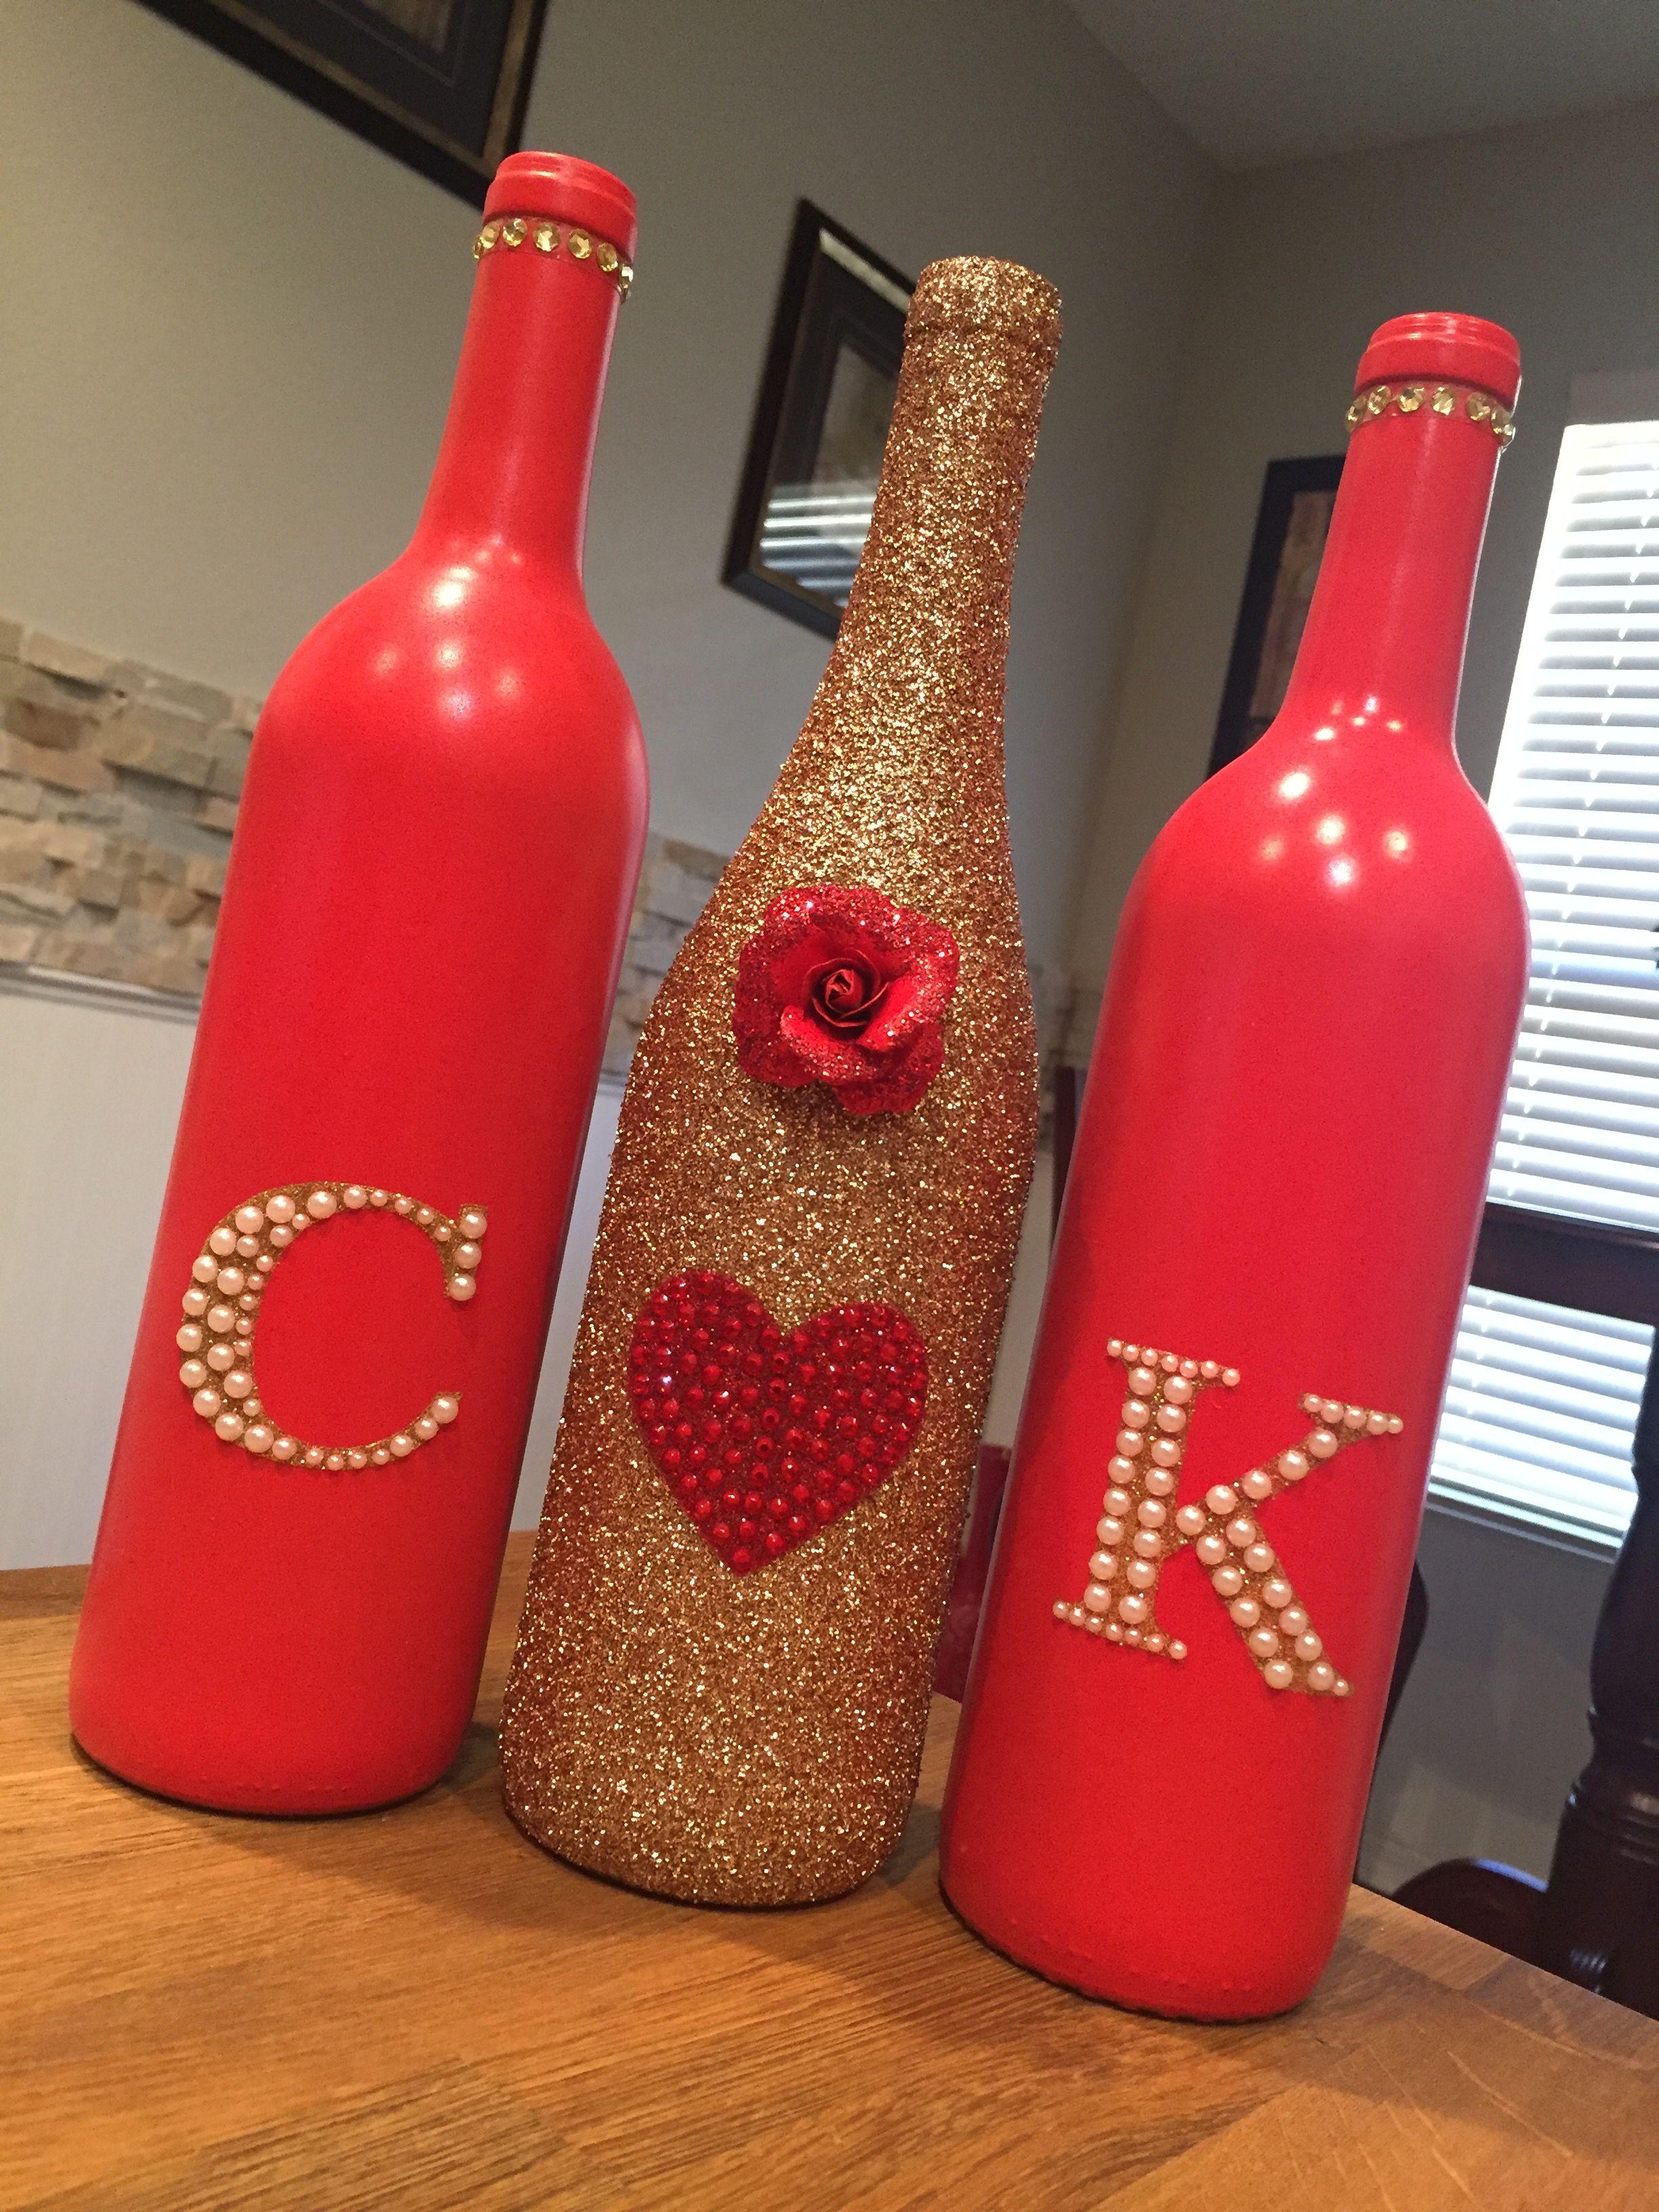 Ideia Por Katie Nichols Em Crafts For The Wedding Garrafas Decoradas Garrafas Pintadas Decoracao Com Garrafas